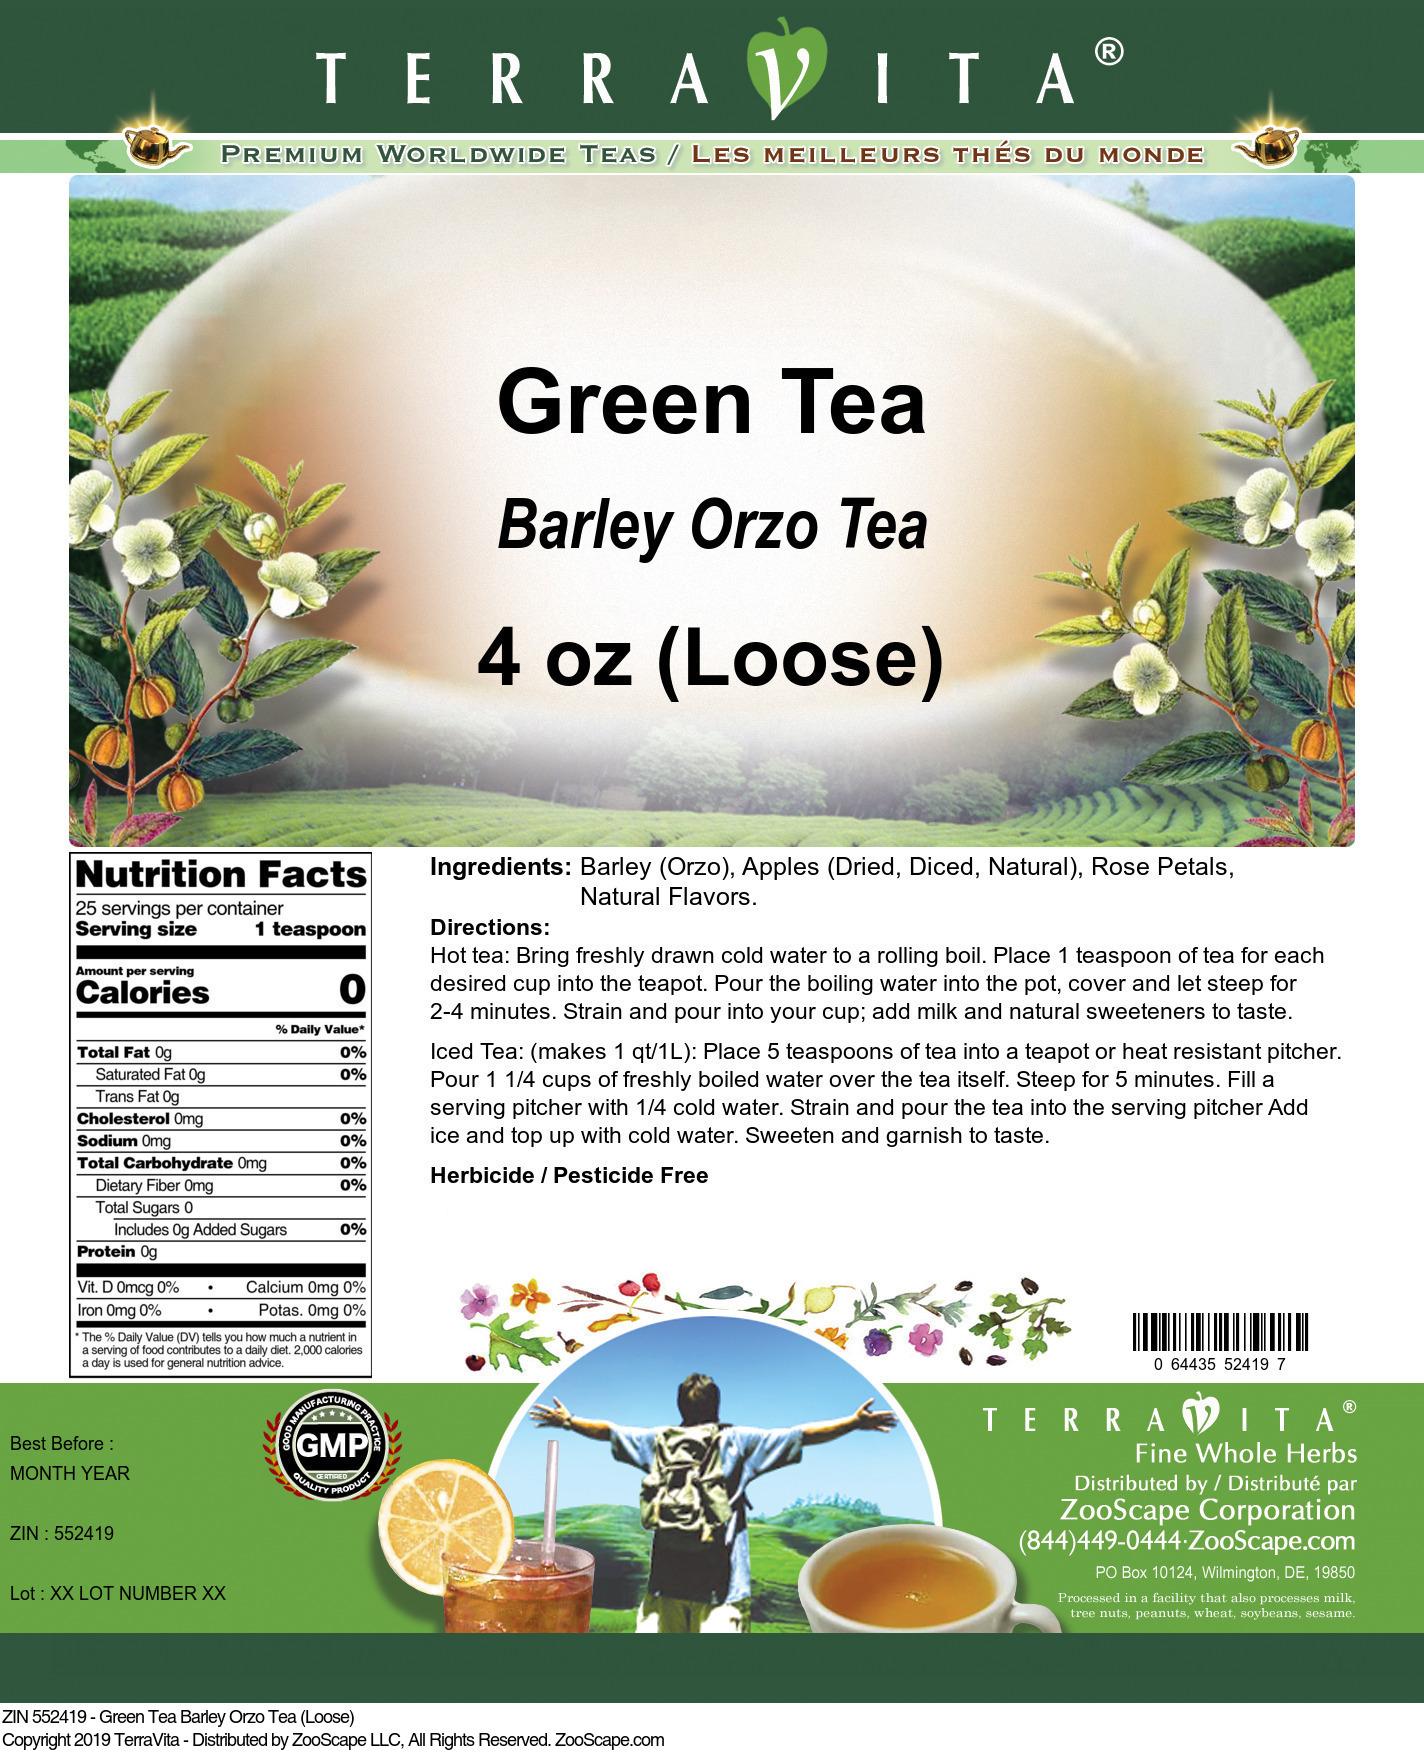 Green Tea Barley Orzo Tea (Loose)